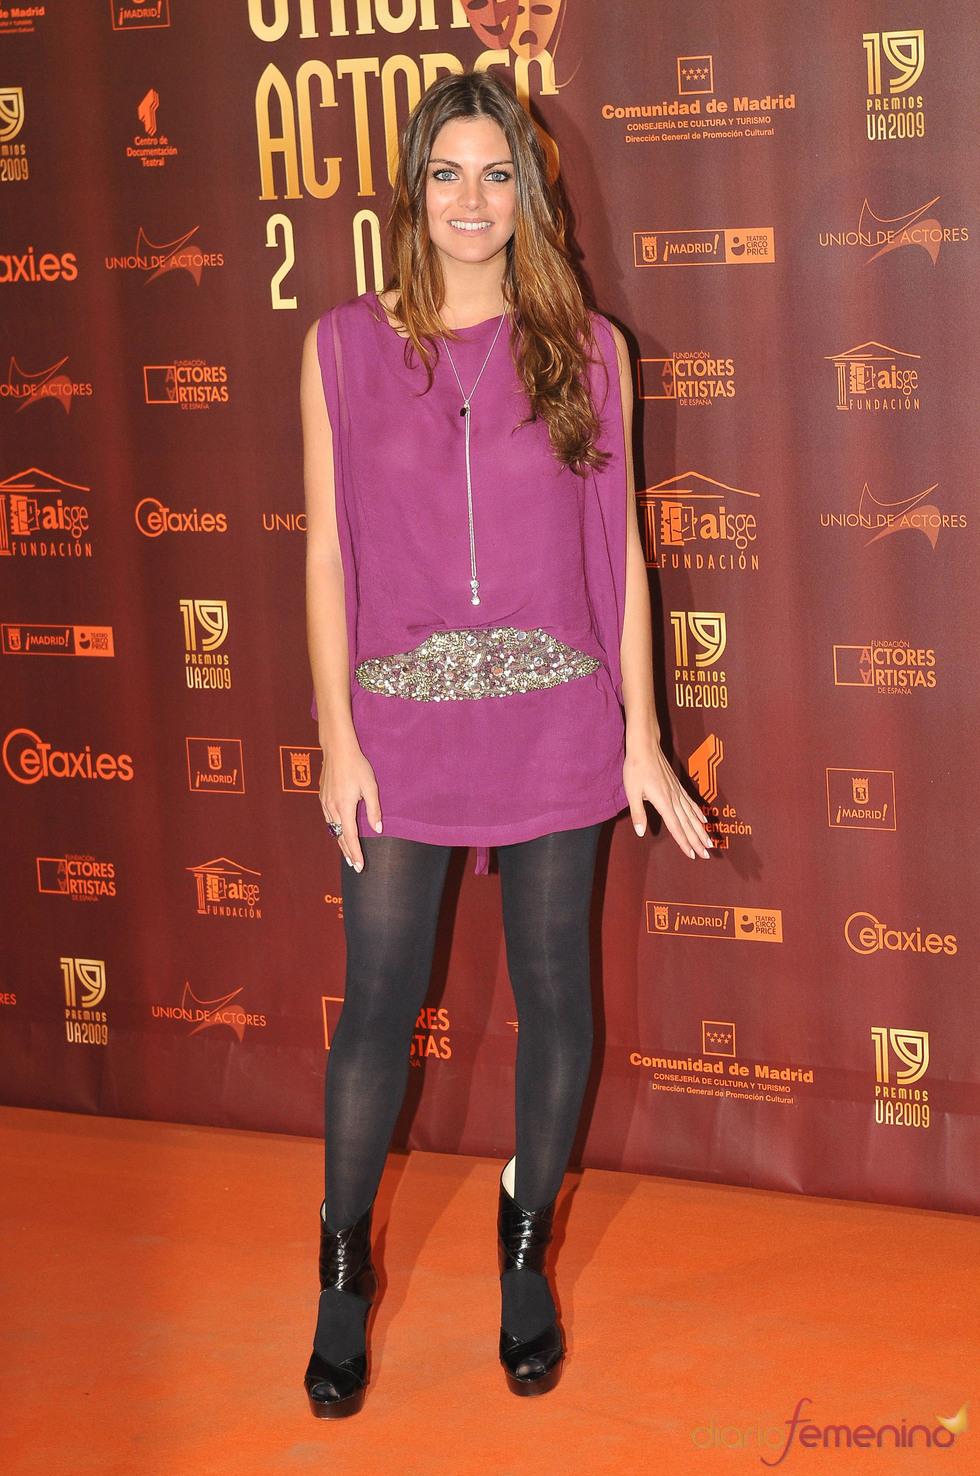 XIX Premios de la Unión de Actores: Amaia Salamanca